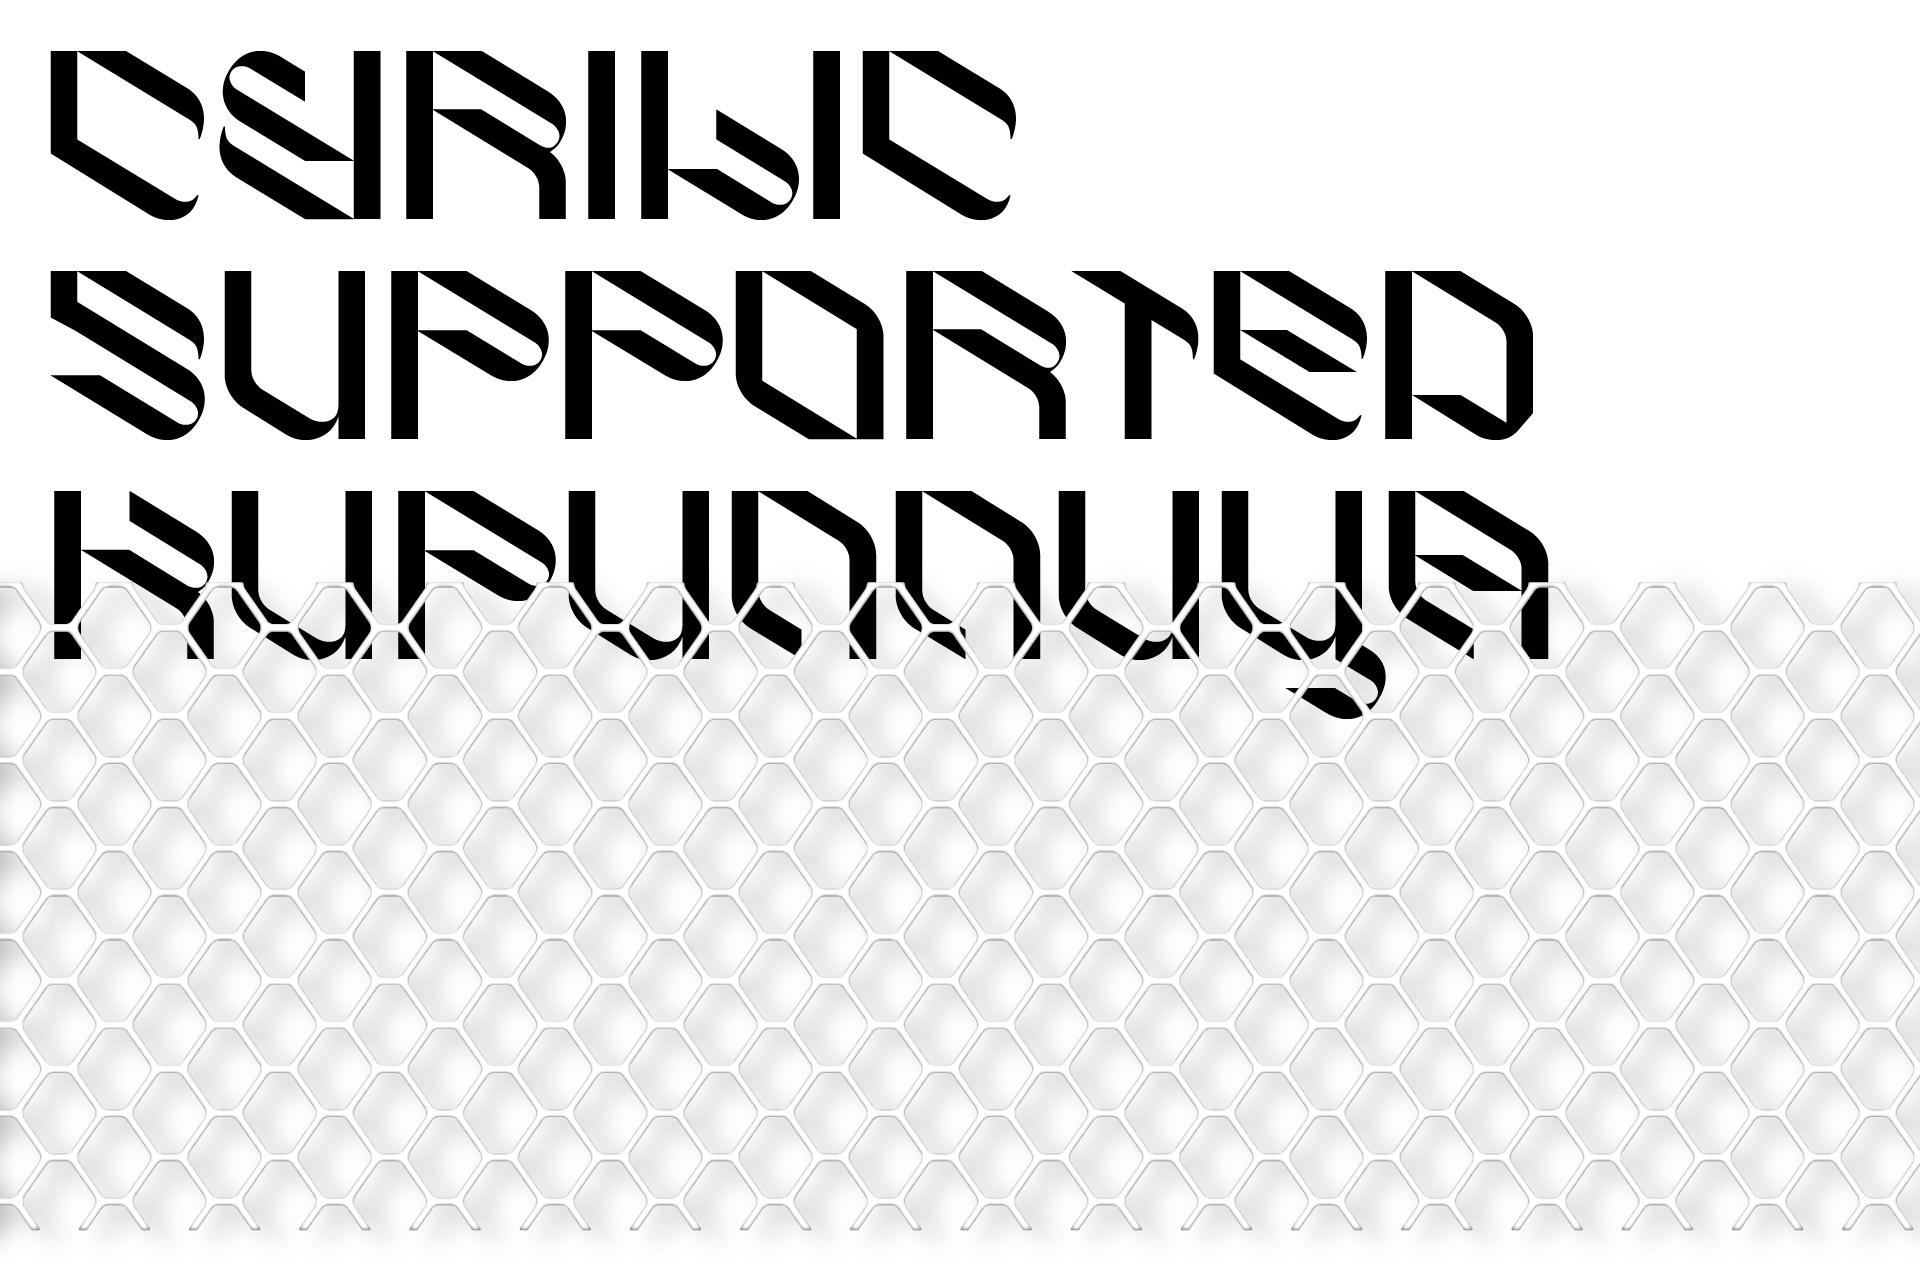 倾斜对角线英文字体下载 Eskos Typeface插图(5)